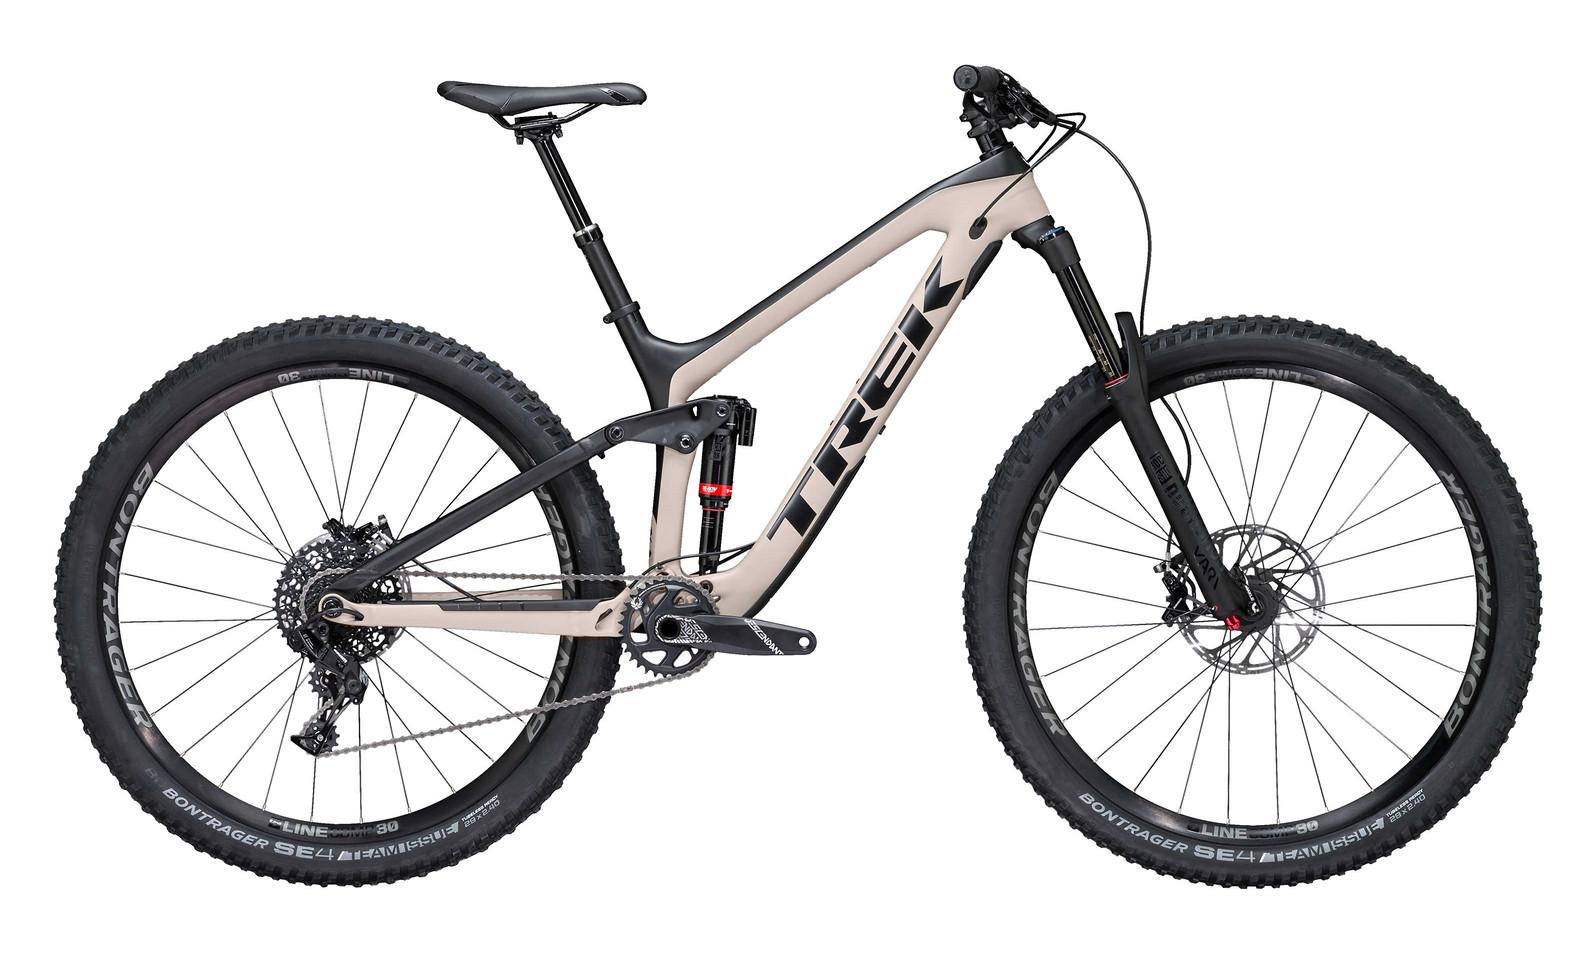 2018 Trek Slash 9 7 Bike Reviews Comparisons Specs Mountain